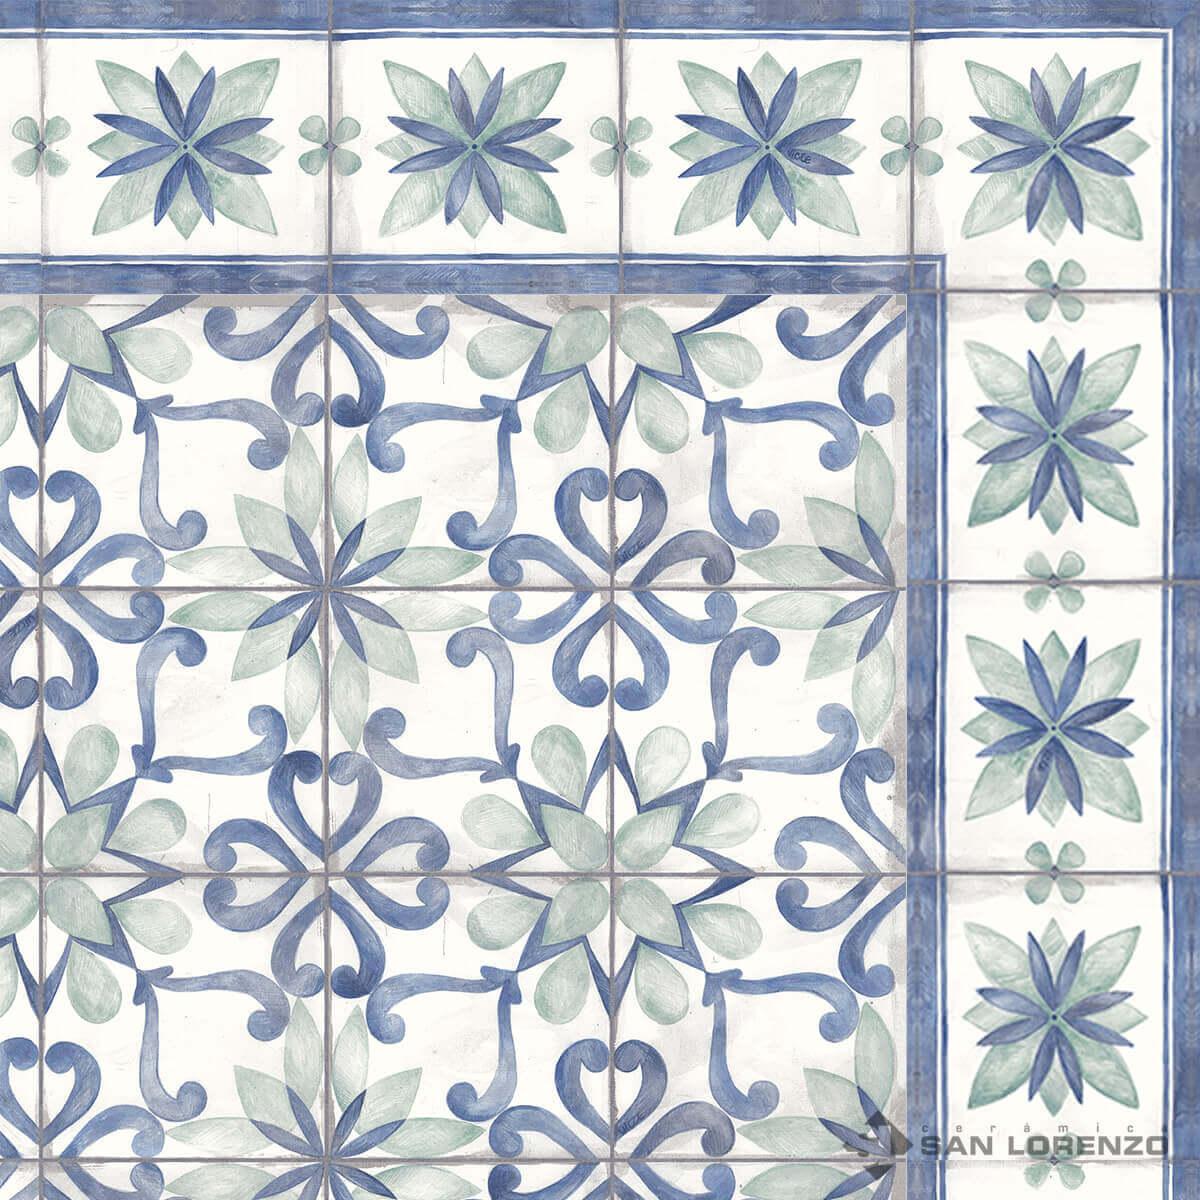 Guarda San Lorenzo Blau 14 X 58 Cj.0,97 M2